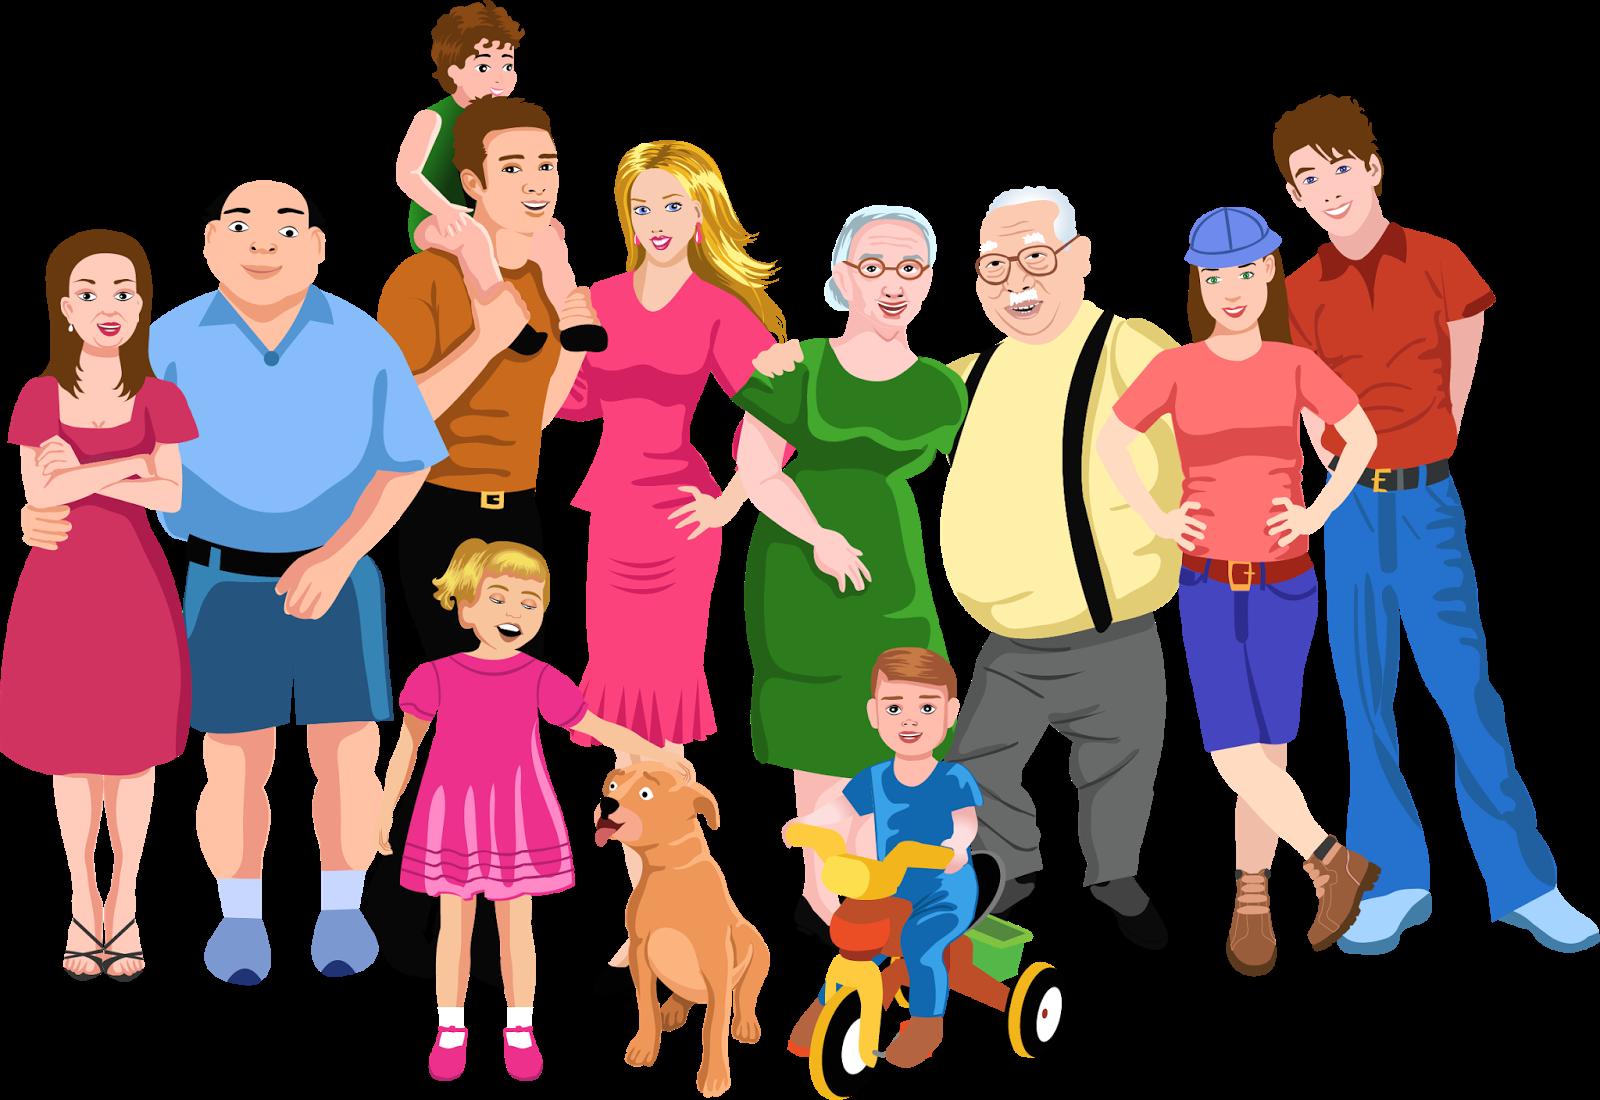 Families clipart teacher. Familia grande google search